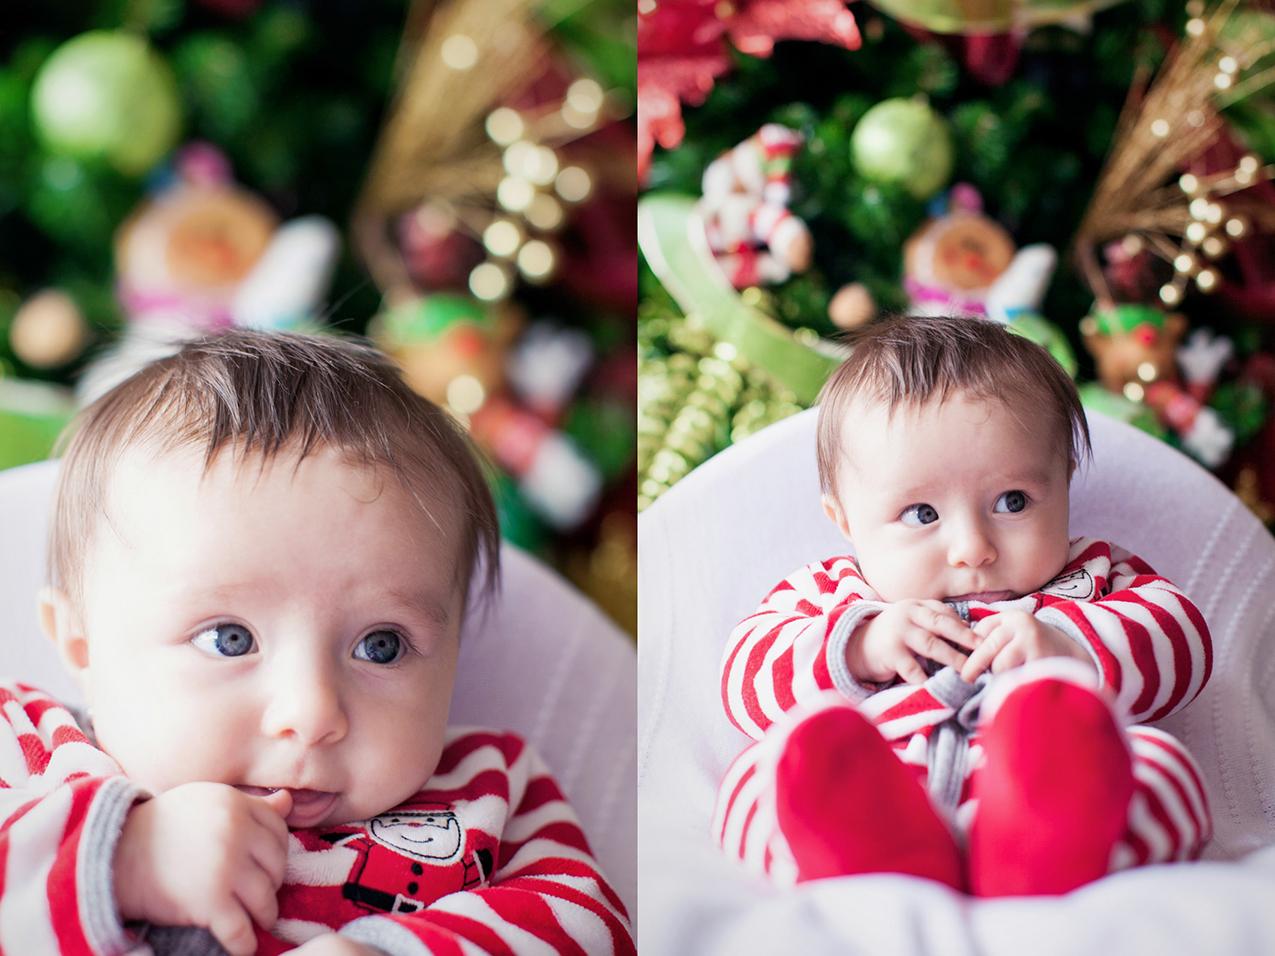 12fotografia-de-niños-bebes-recien-nacido-embarazo-retratos.jpg